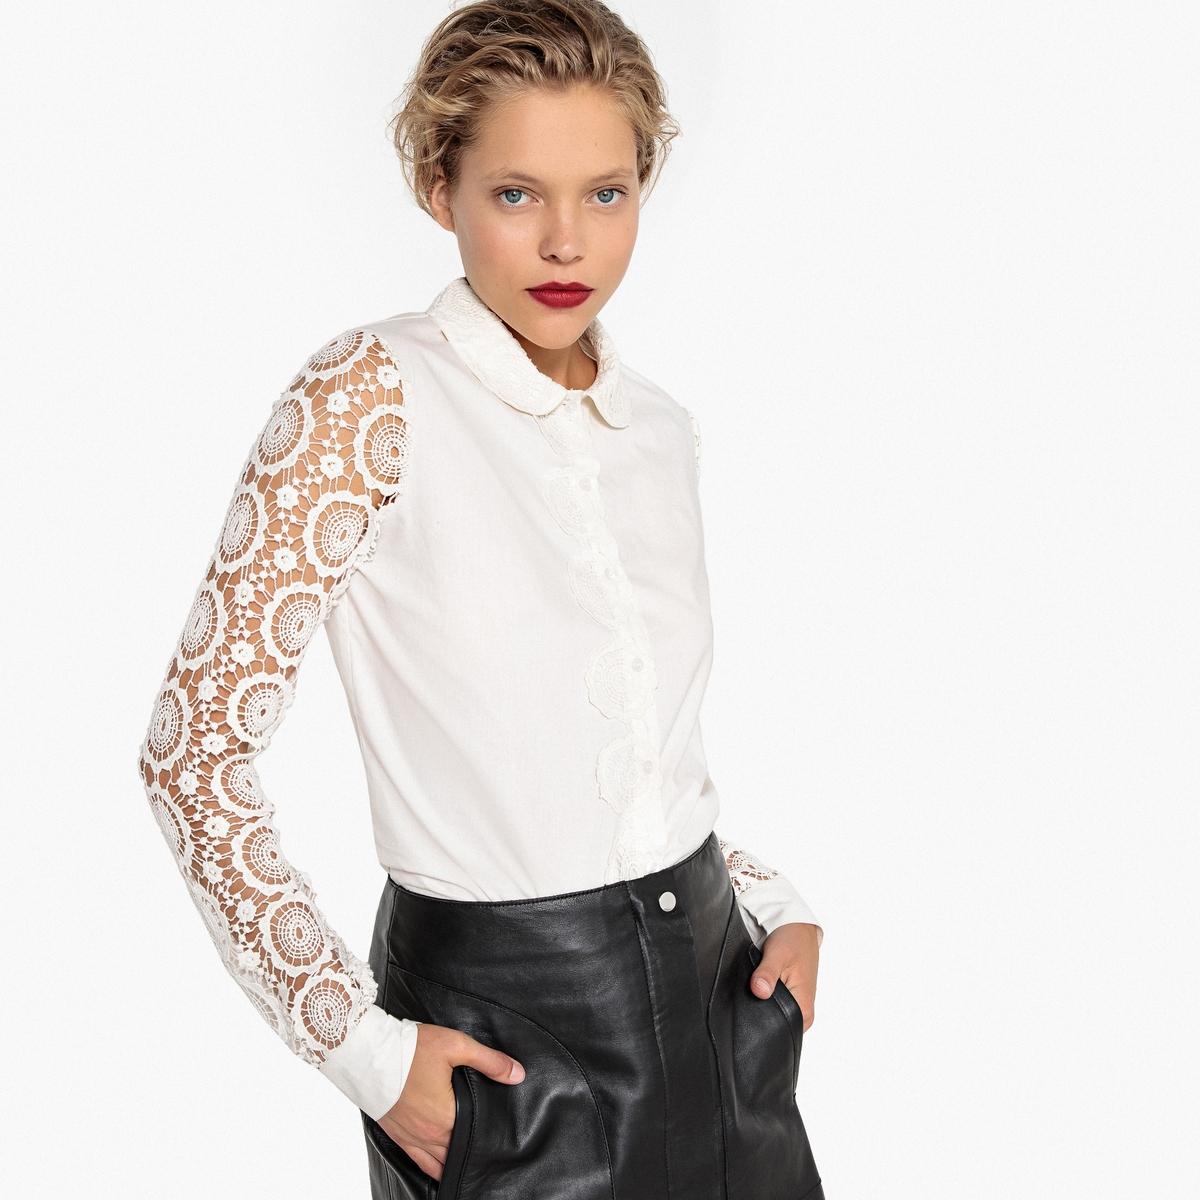 Camisa de guipur sobre las mangas y el cuello